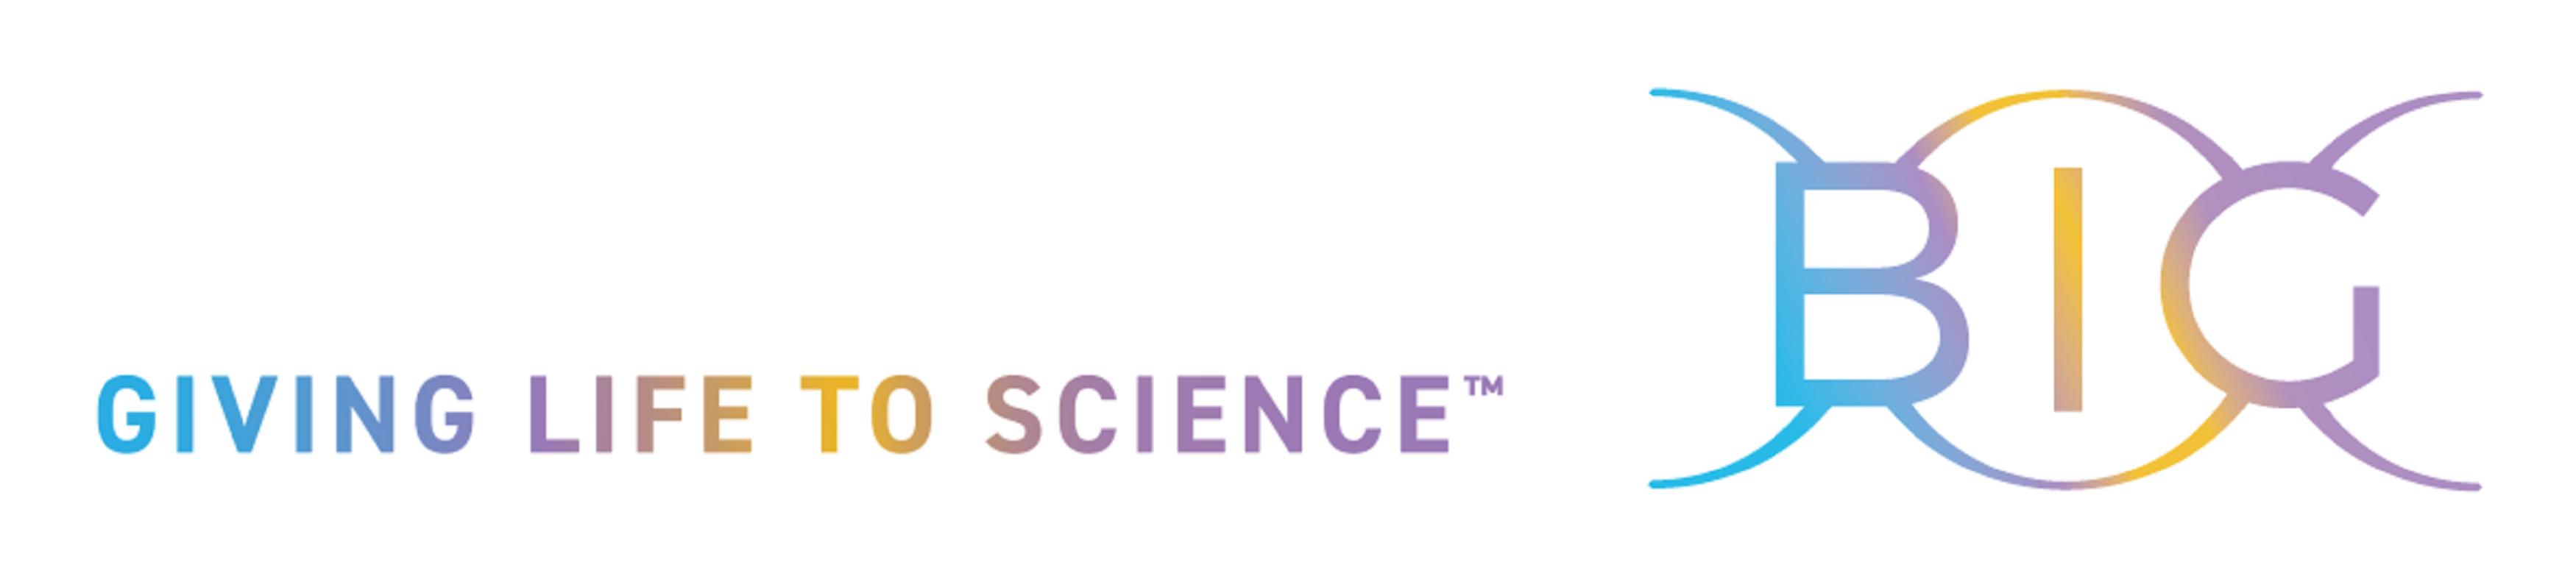 PRTC logo